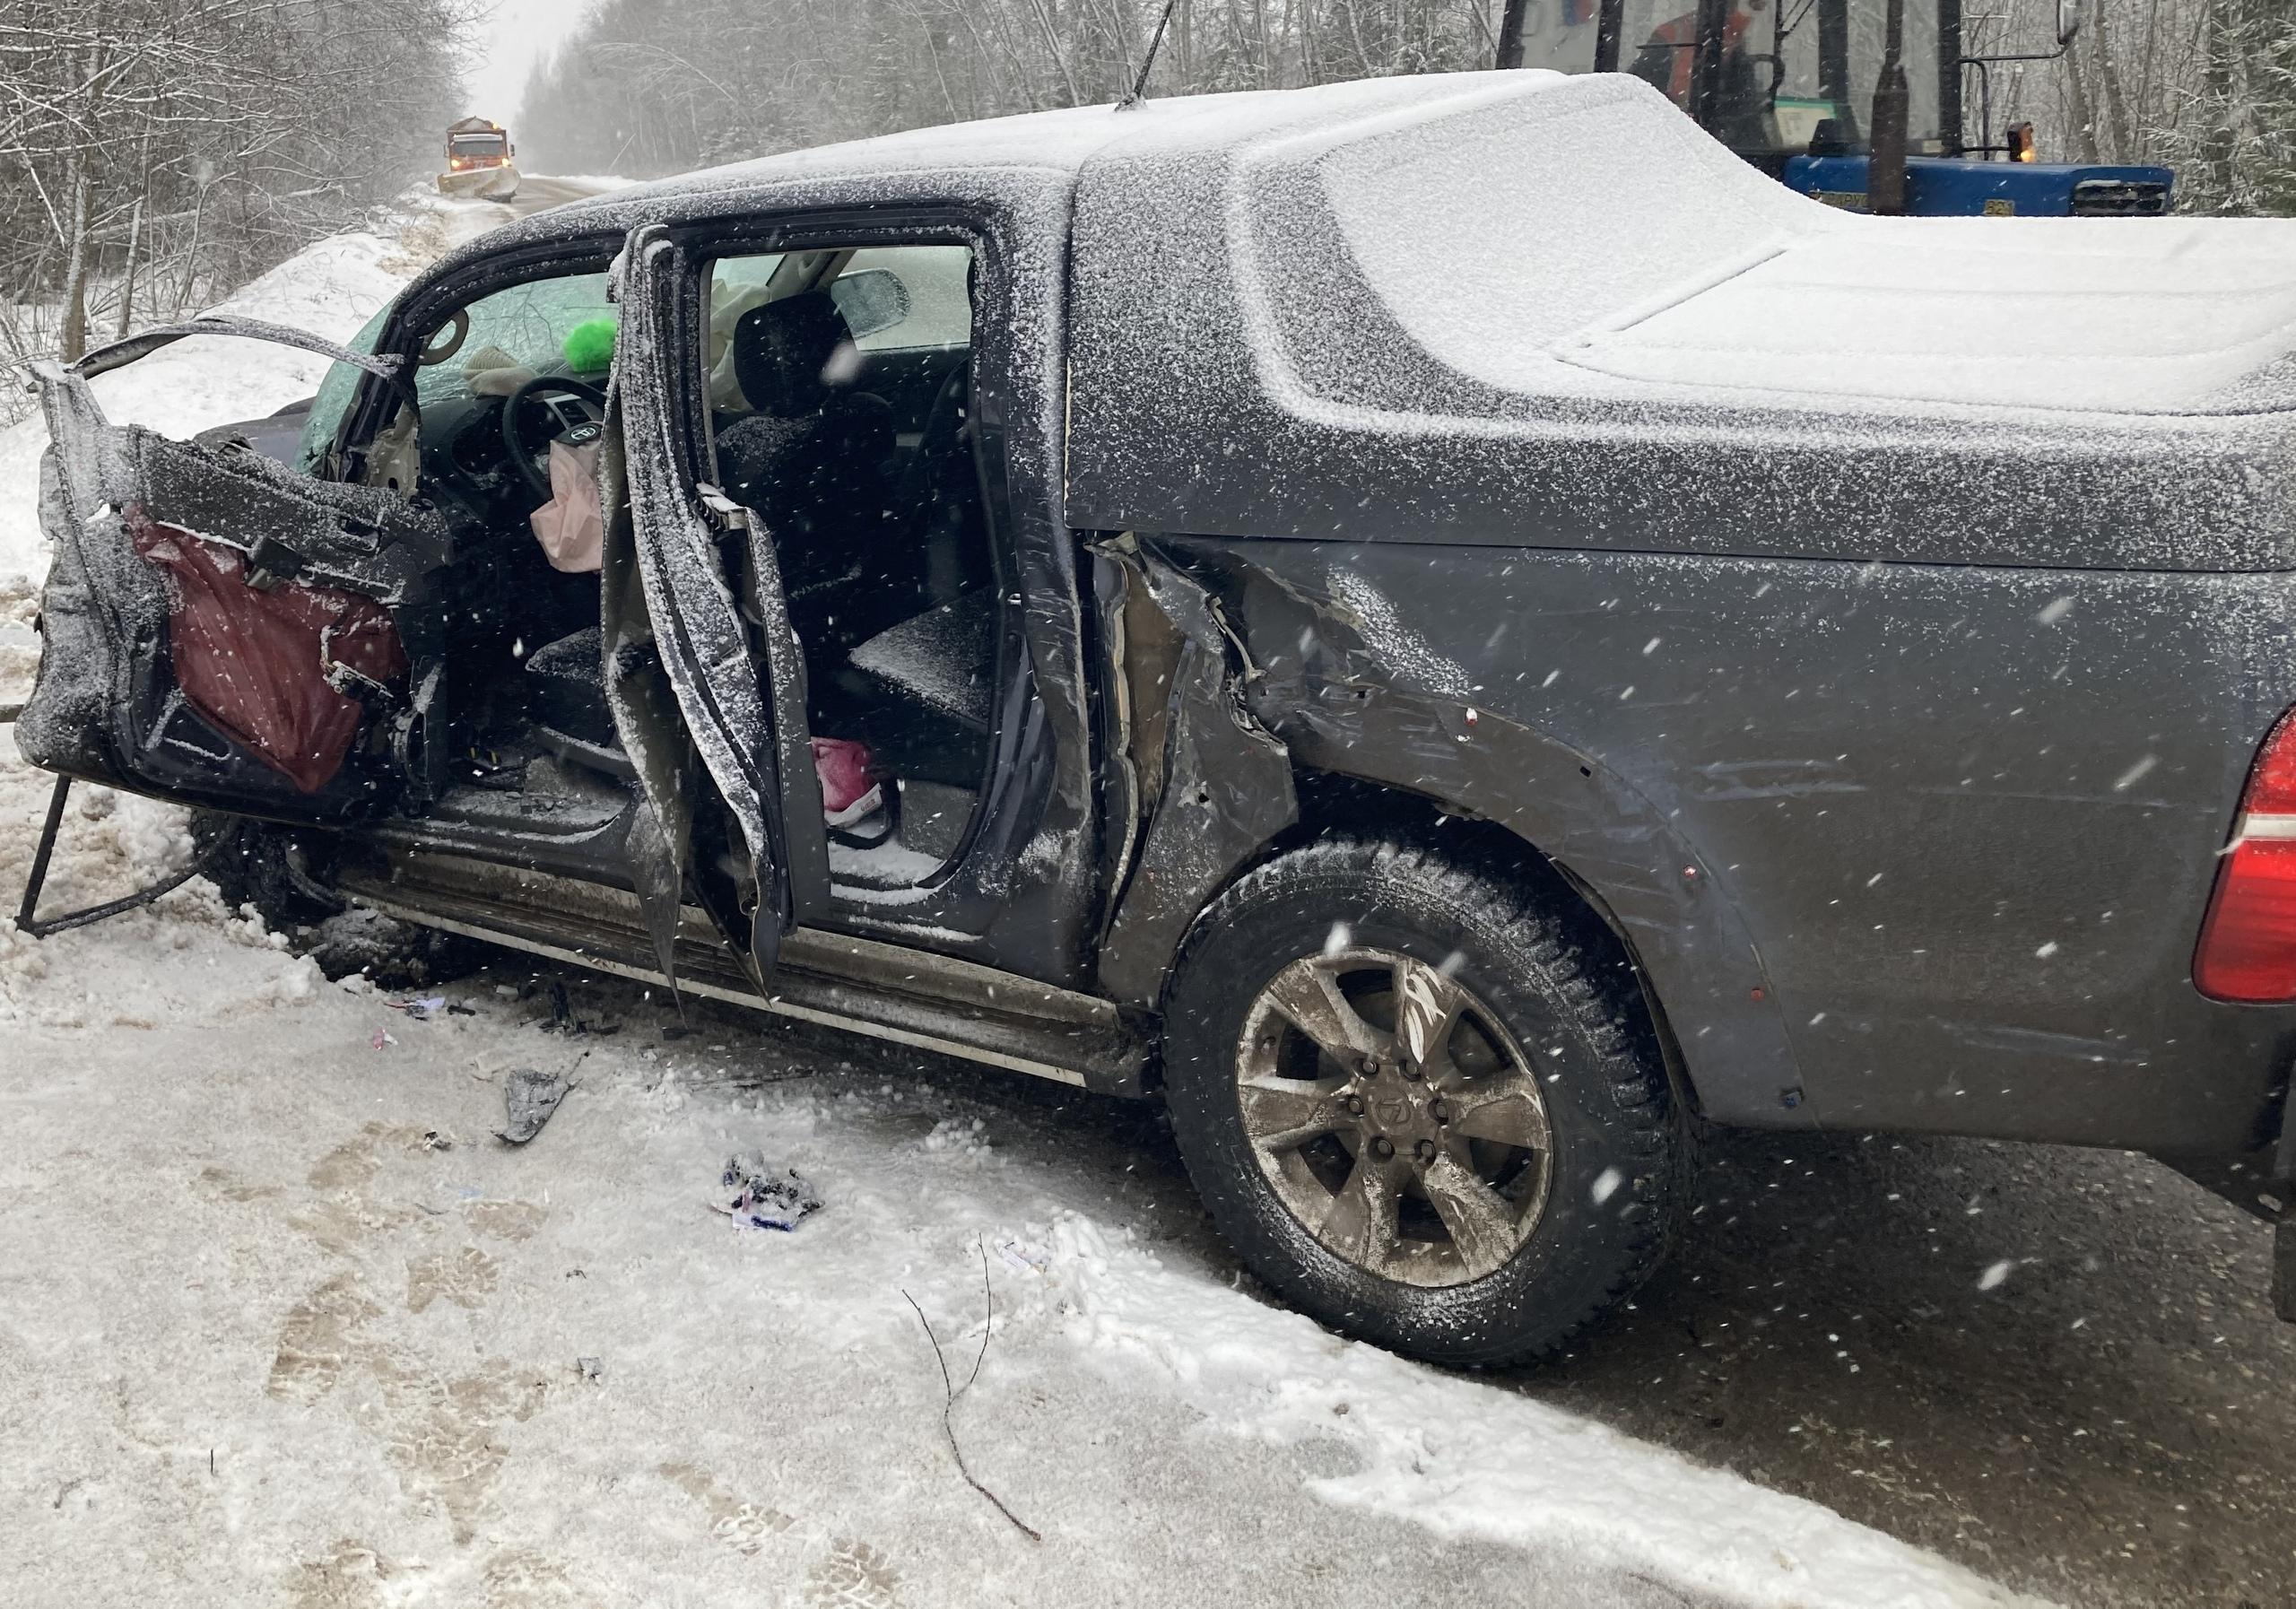 Женщина получила травмы в столкновении трех машин в Тверской области - новости Афанасий